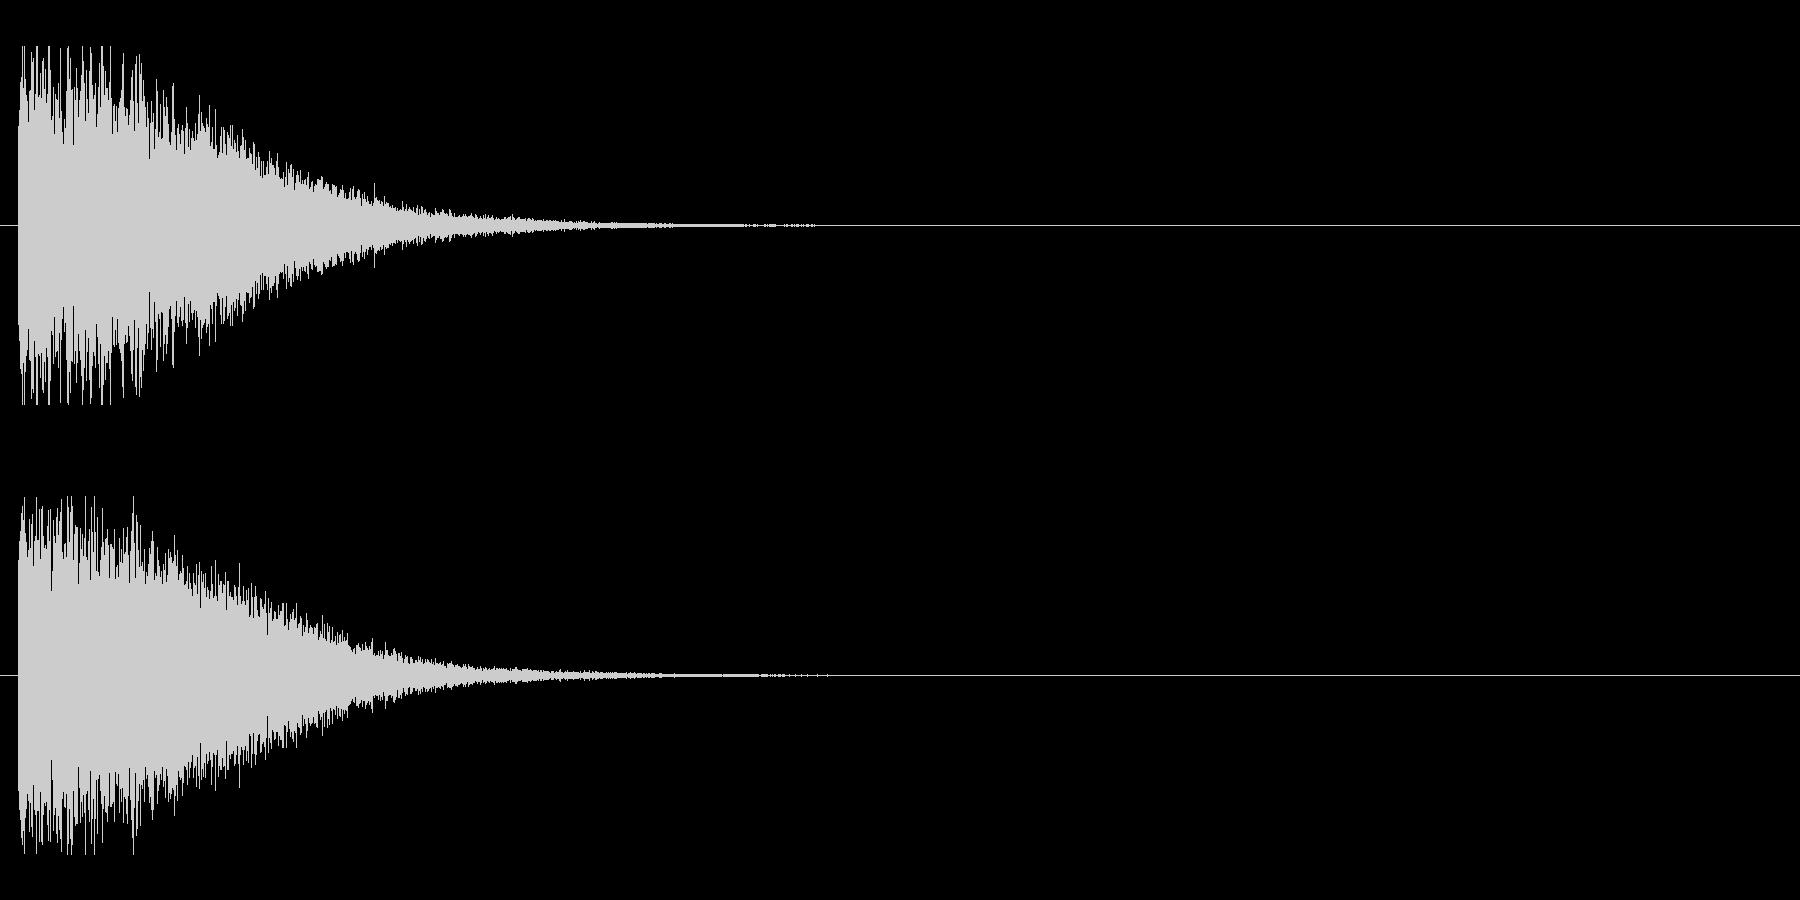 レーザー音-148-1の未再生の波形